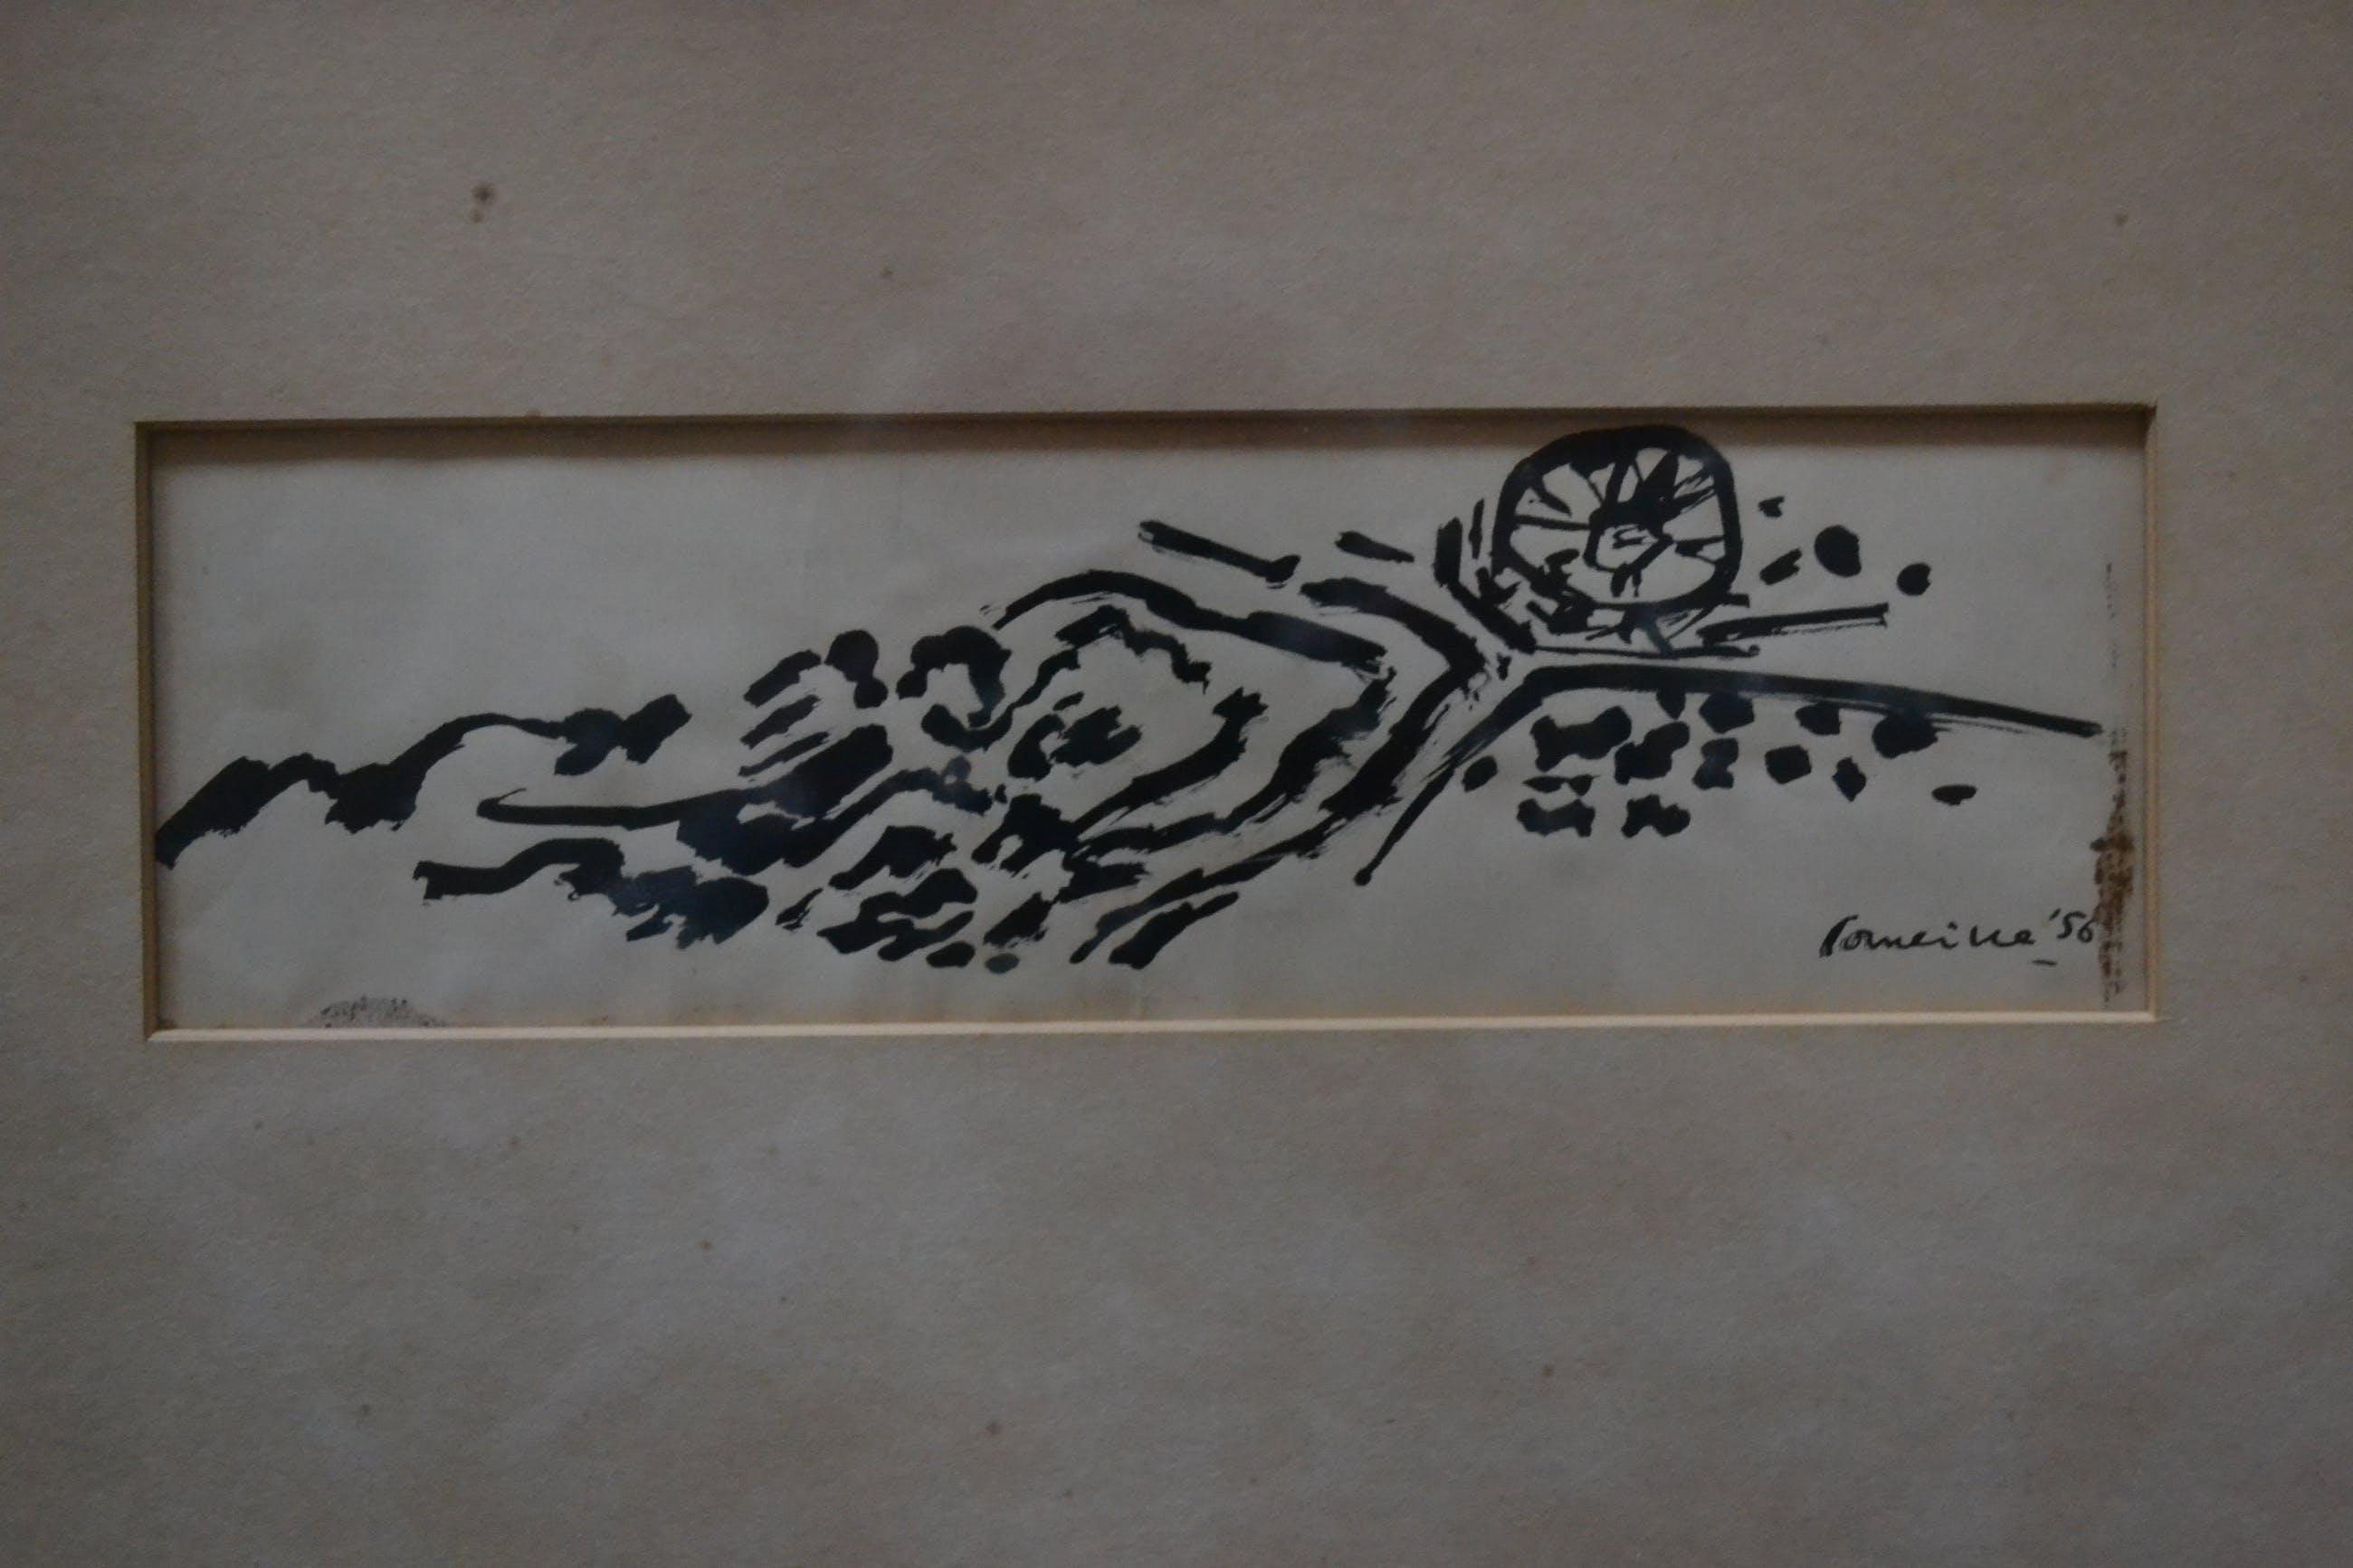 Corneille - Corneille : Inkttekening uit 1956 kopen? Bied vanaf 875!